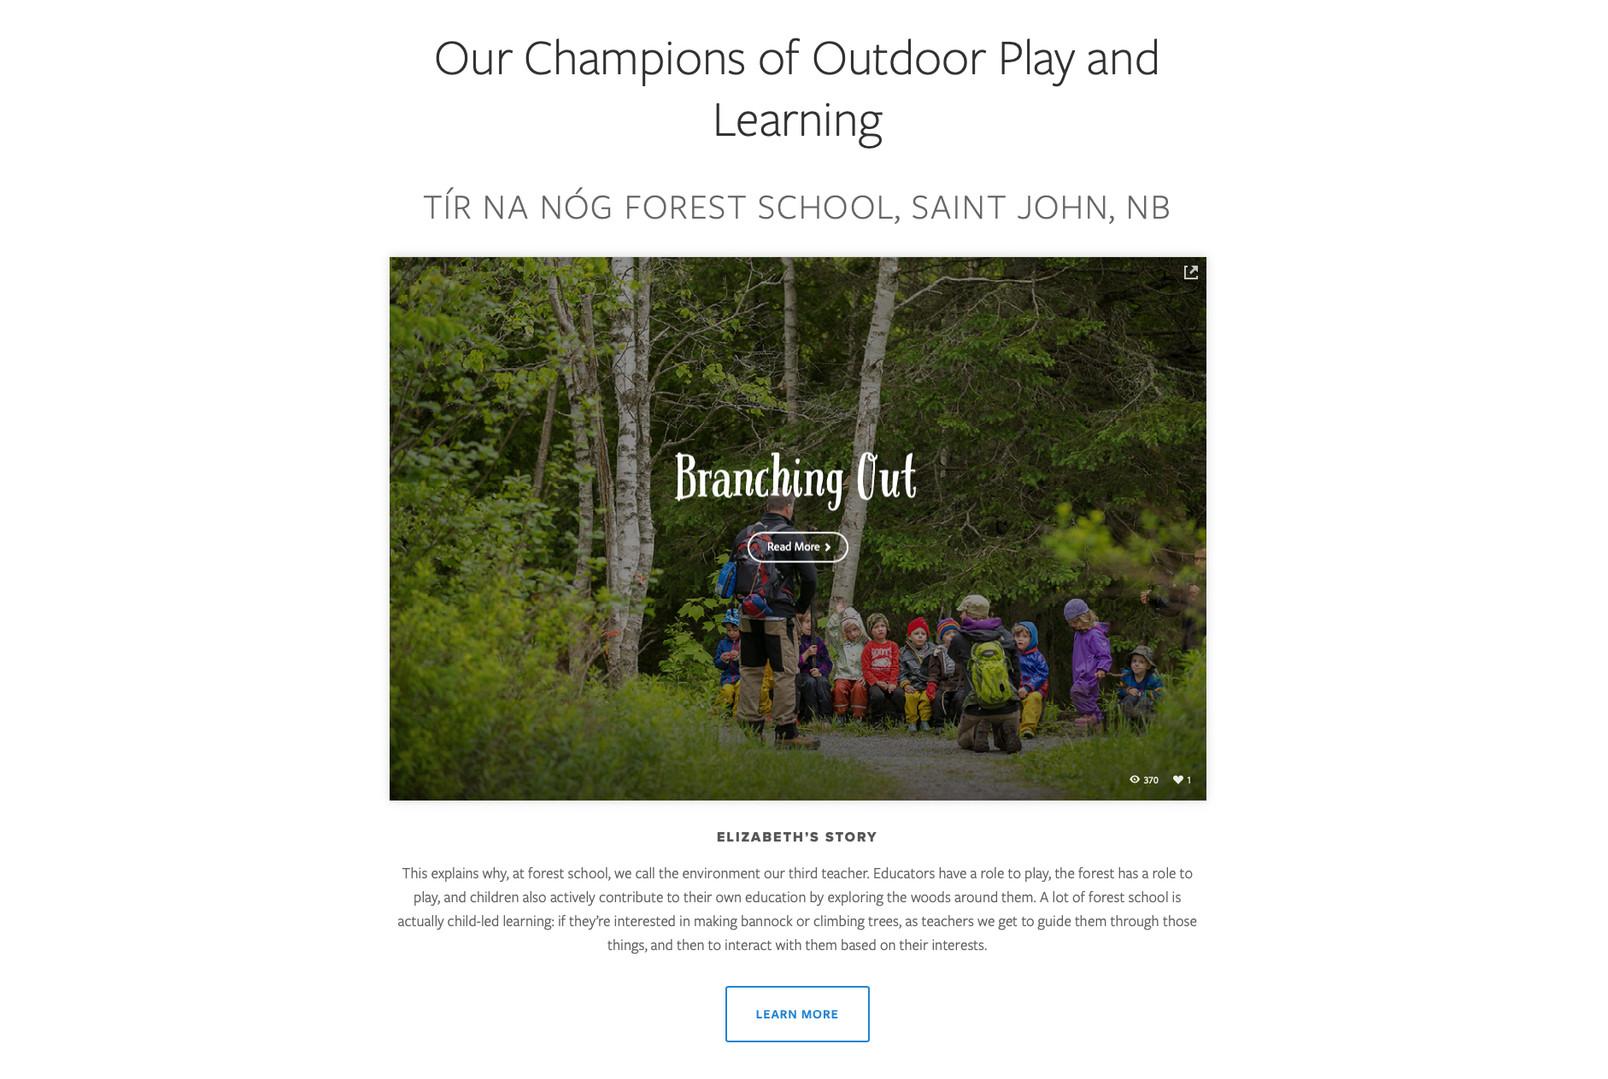 ForestSchool-nbplays.jpg